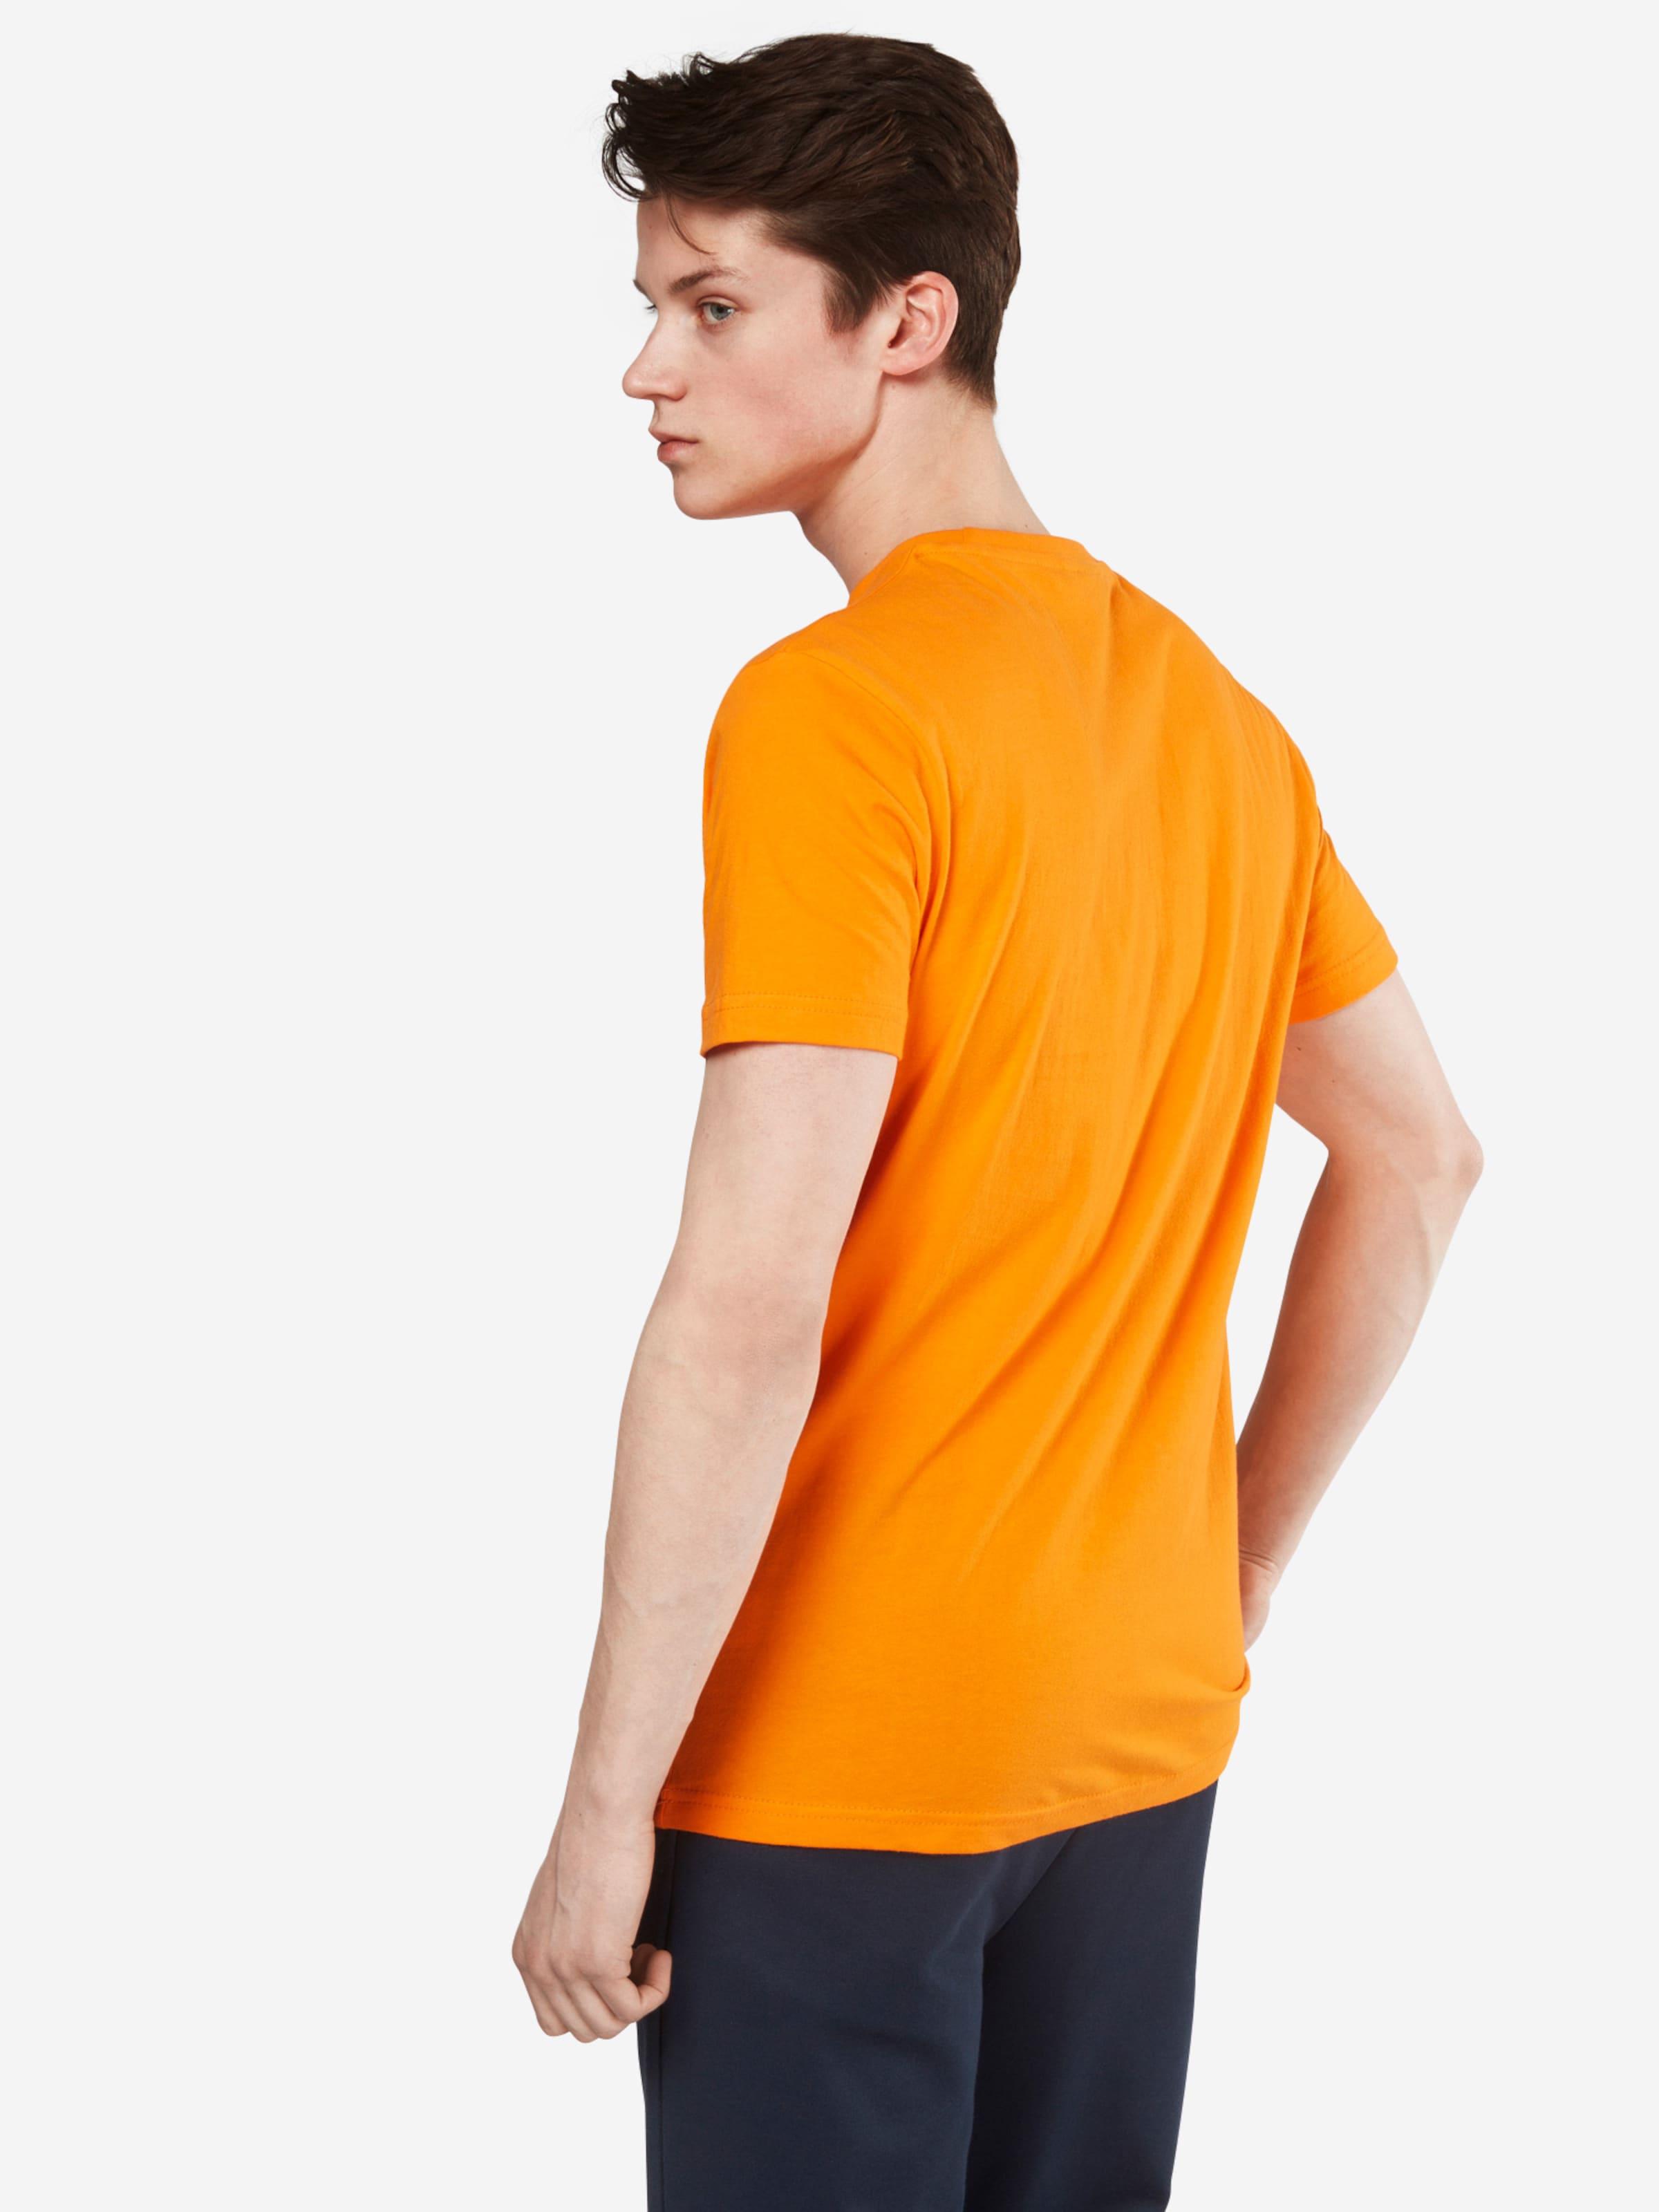 ELLESSE T-Shirt 'CANALETTO' 2018 Neueste Online-Verkauf Verkauf Freies Verschiffen Freie Verschiffen-Spielraum PdoqHk7bxc